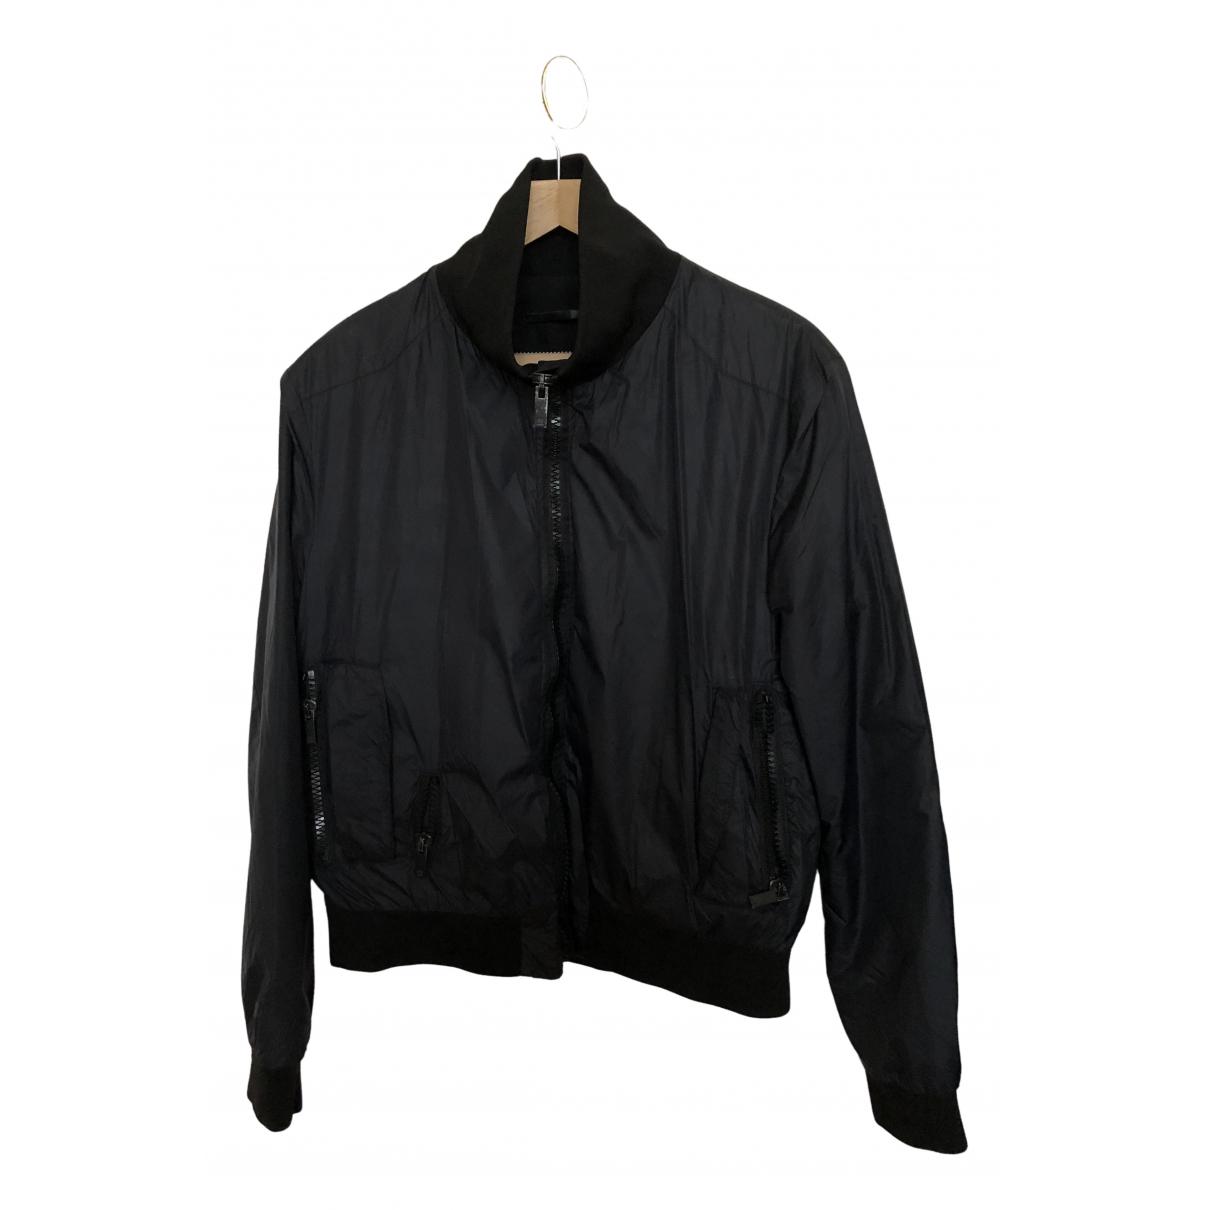 Givenchy N Black Cotton jacket  for Men 52 FR